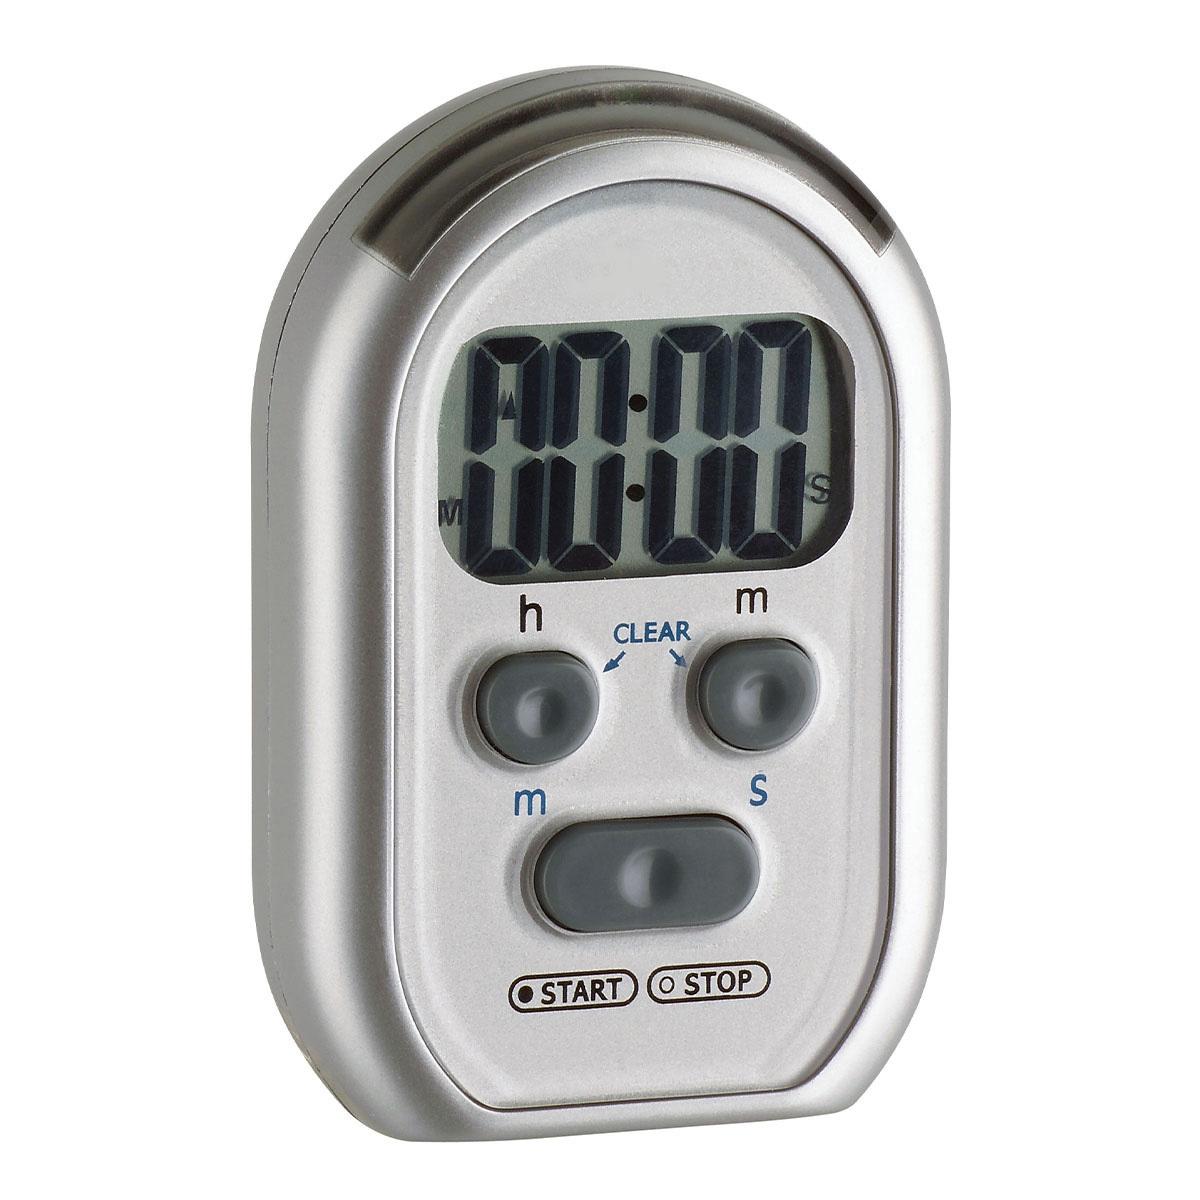 38-2019-digitaler-timer-stoppuhr-shake-awake-1200x1200px.jpg